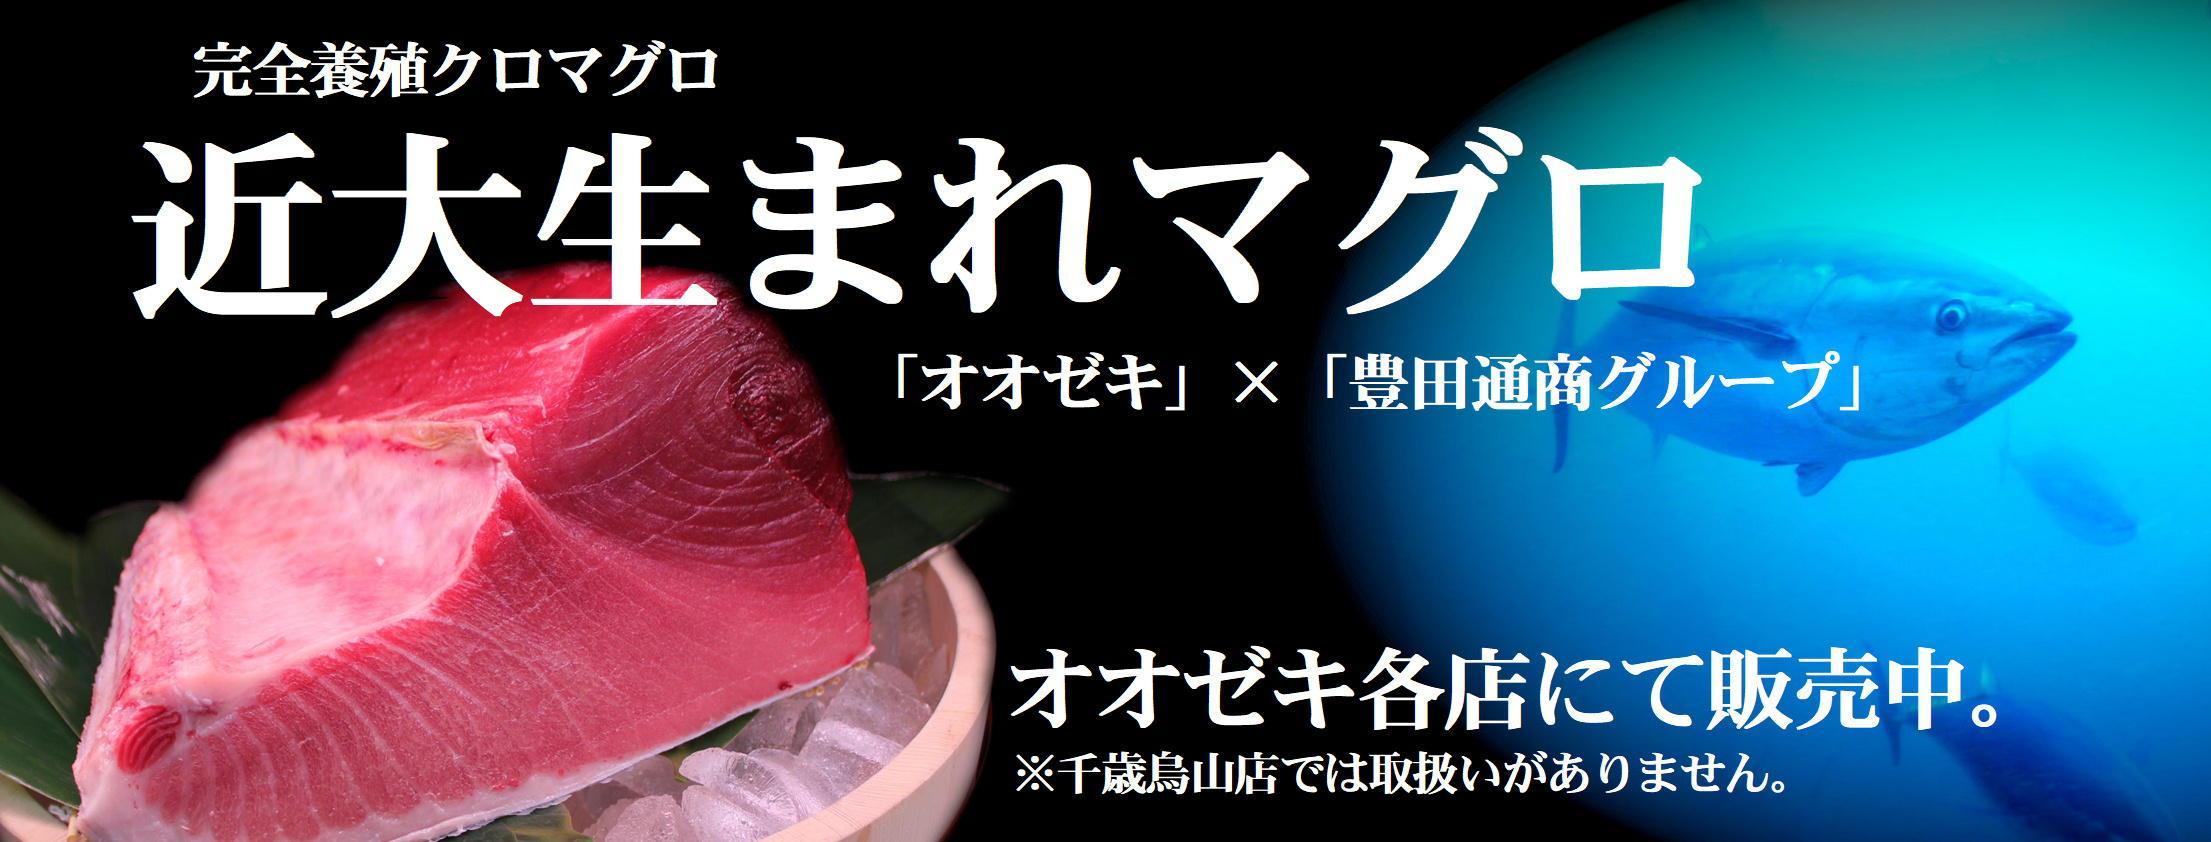 近大生まれマグロ【完成版①】.JPG